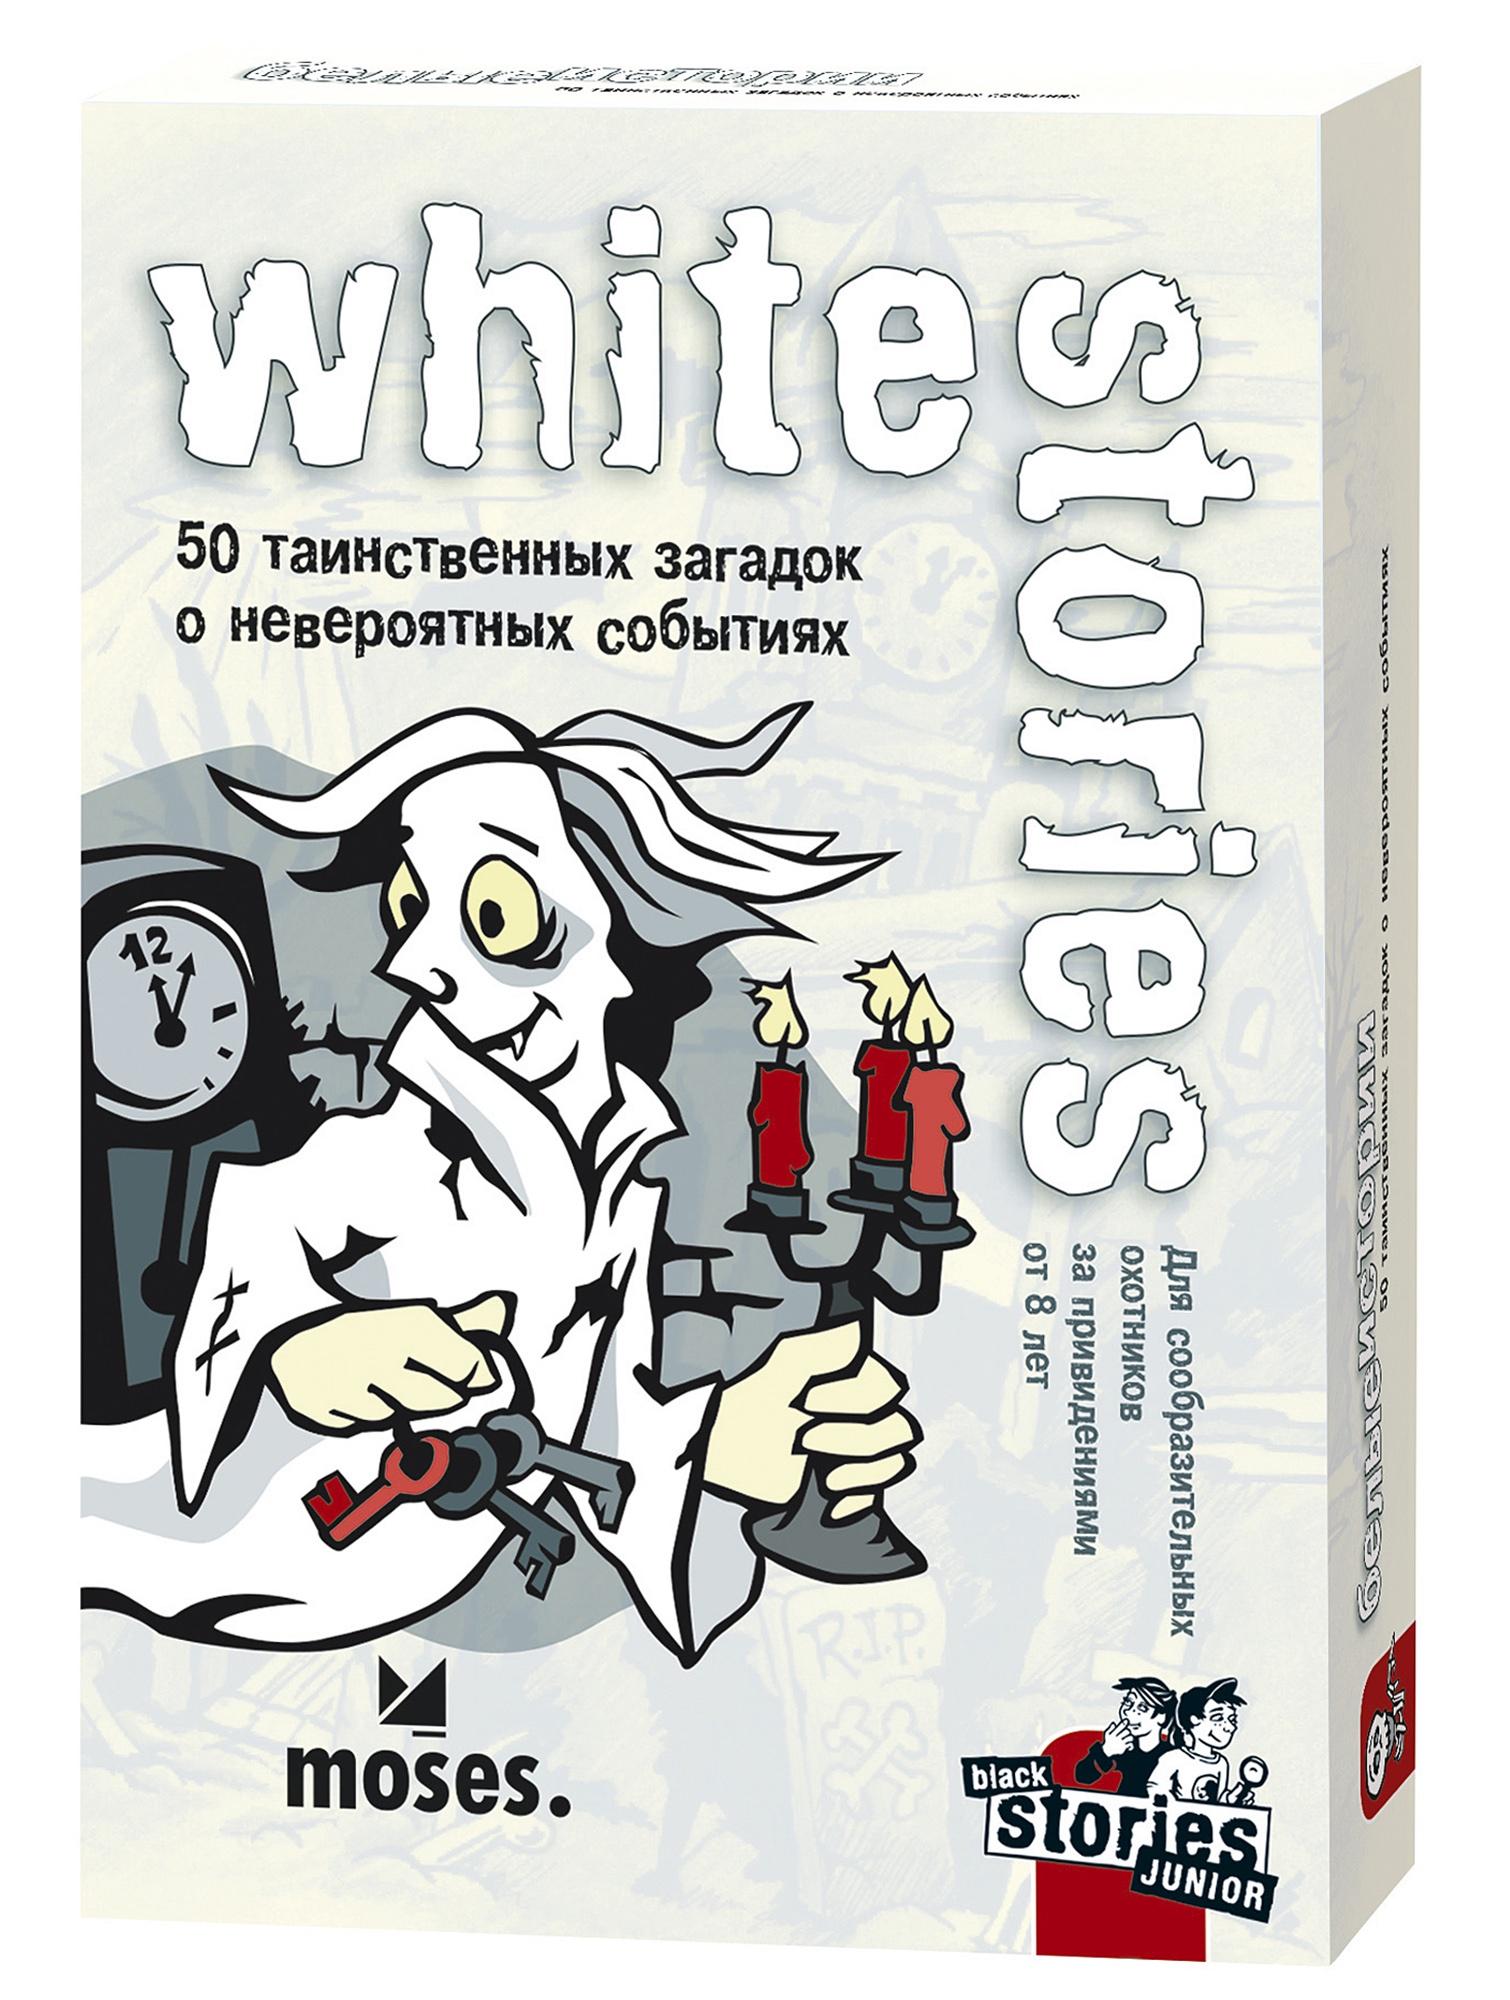 Moses Настольная игра Темные Истории Детская серия Белые Истории игра настрольная moses black stories 3 темные истории